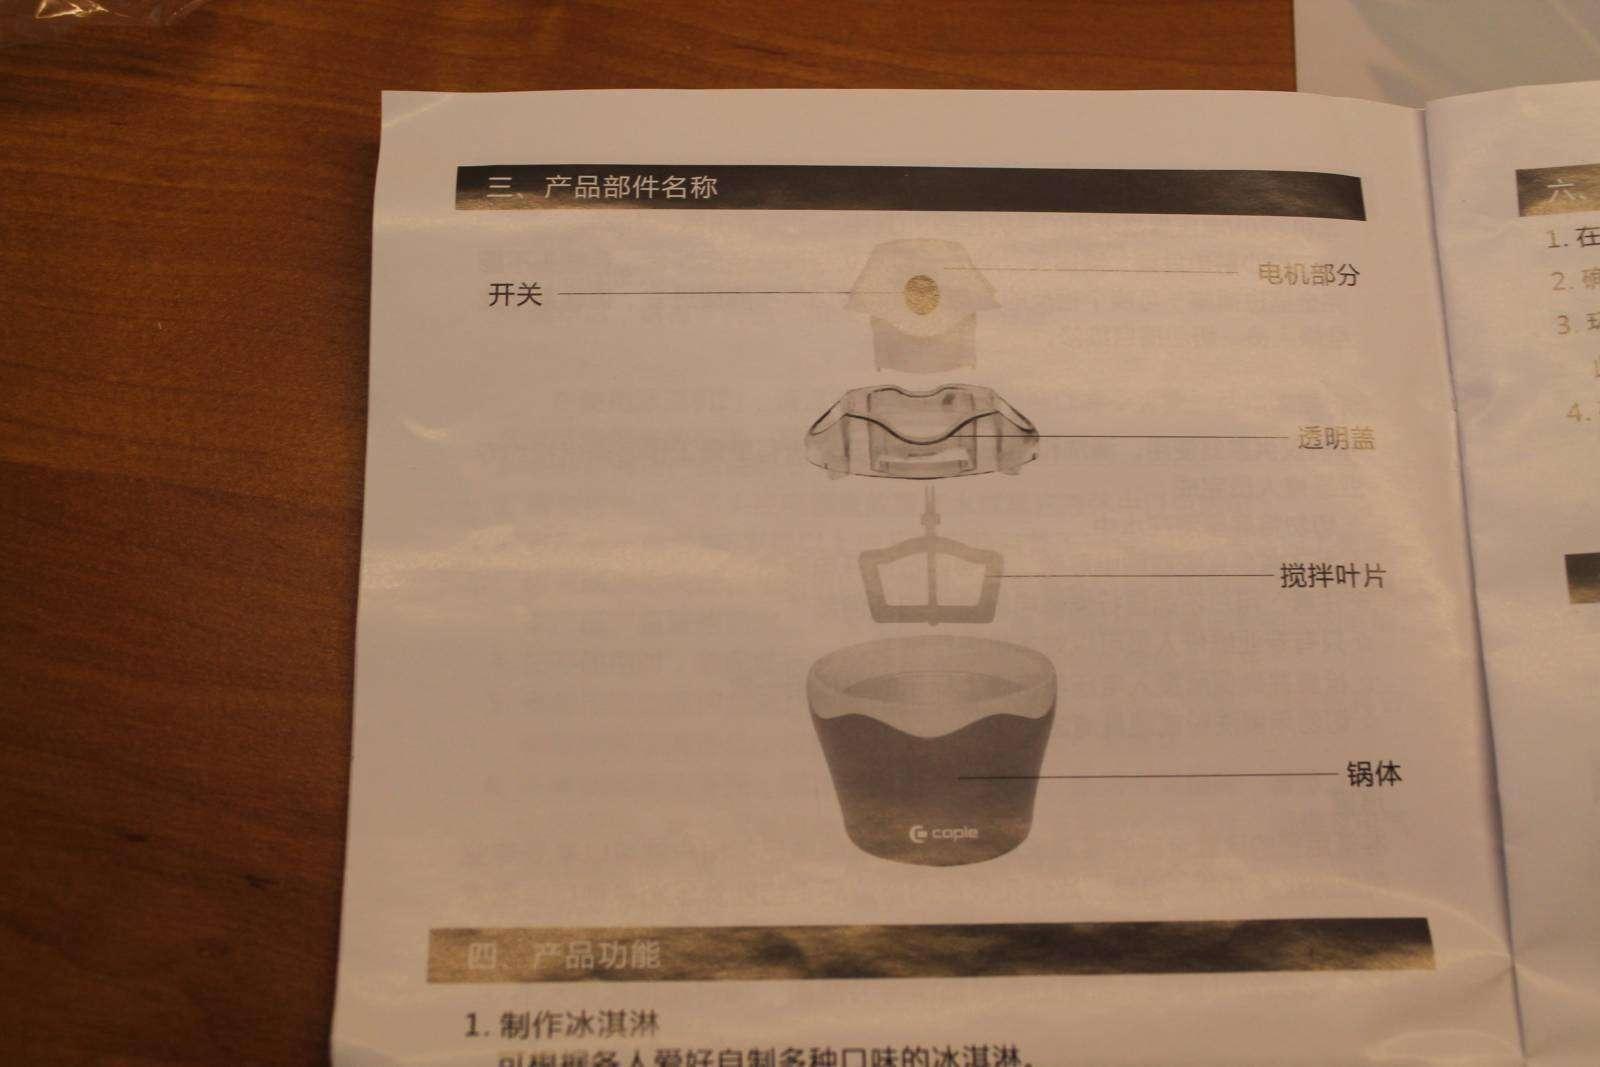 GearBest: Мороженица по-китайски. Так ли она хороша на самом деле?